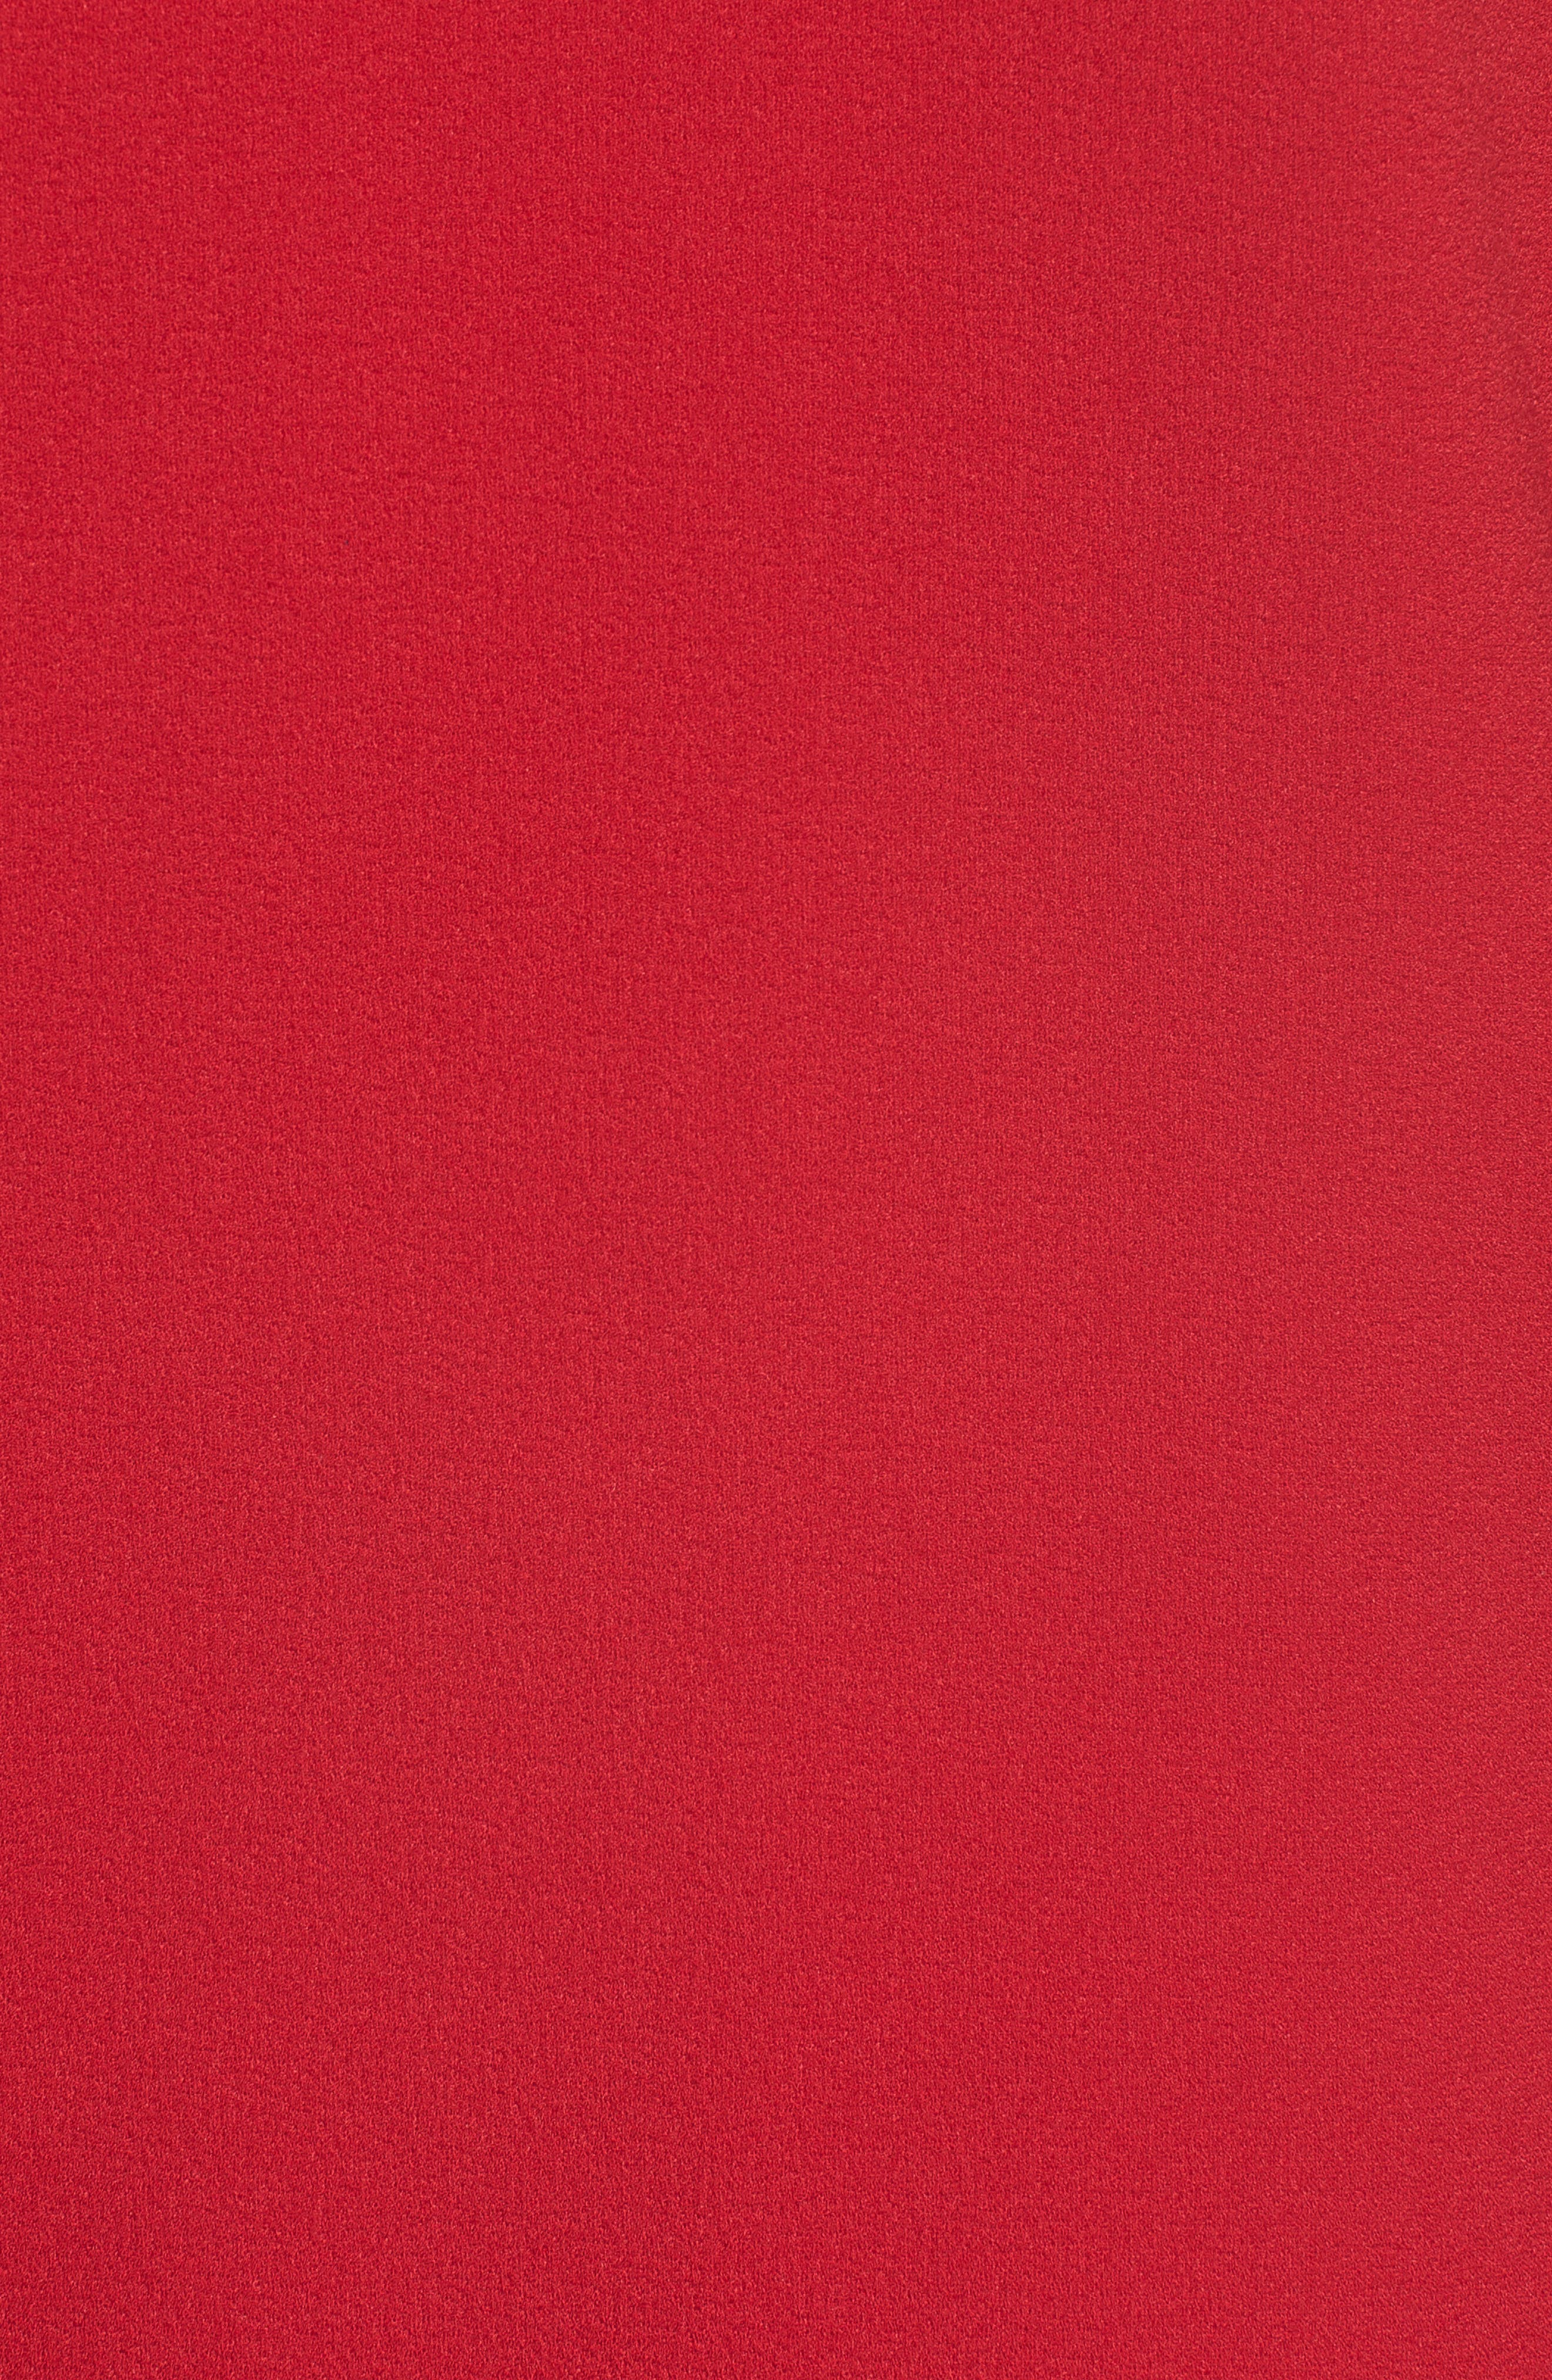 Crepe Scallop Trim Shift Dress,                             Alternate thumbnail 6, color,                             CHERRY